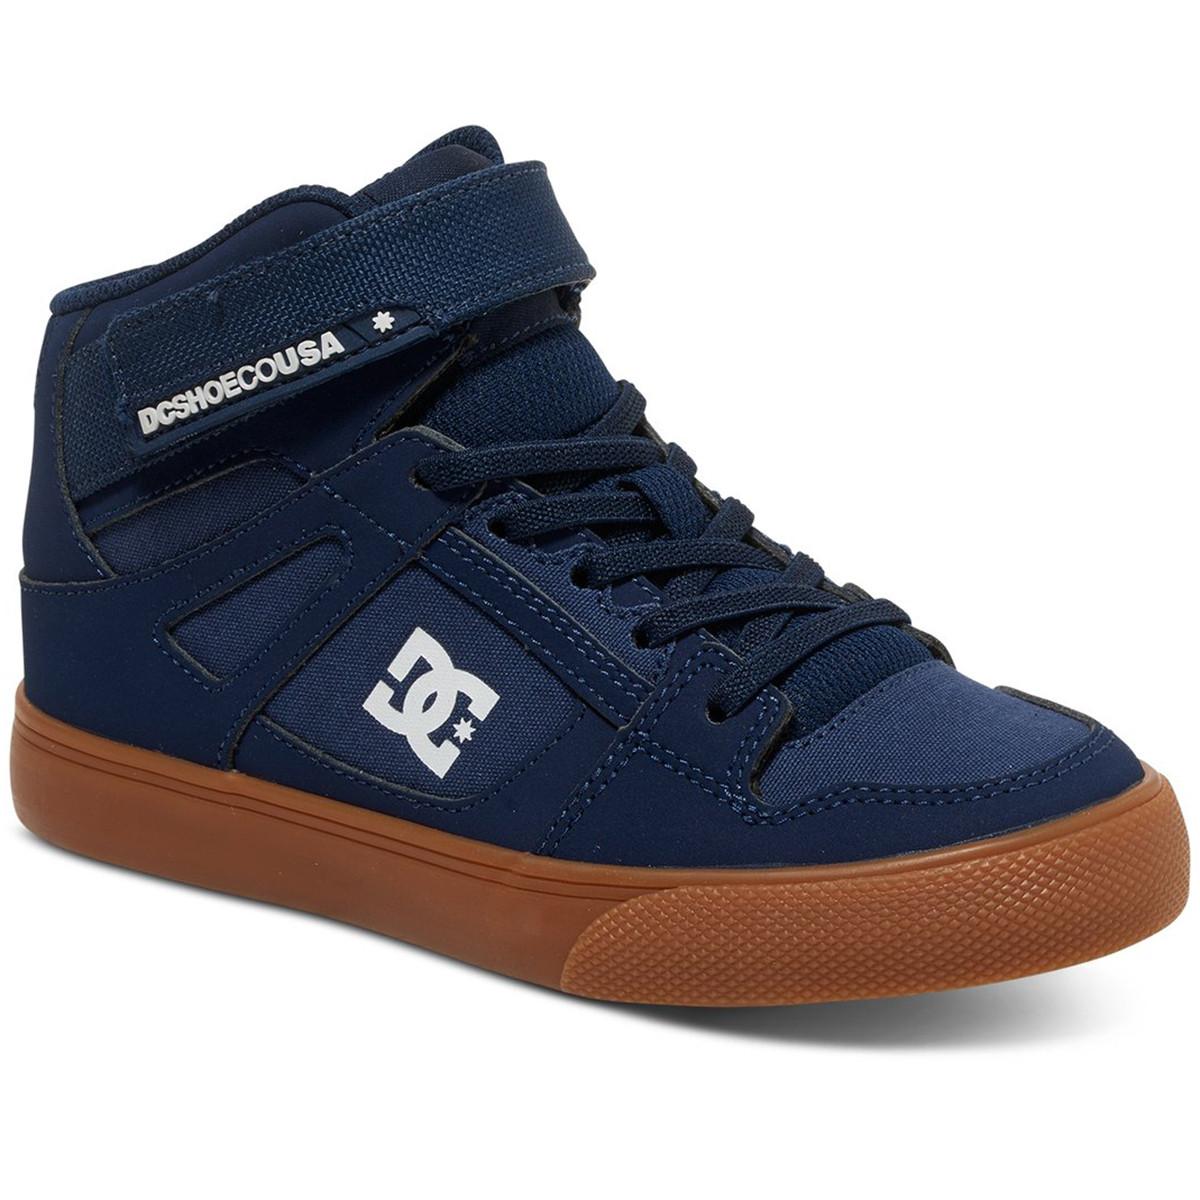 Spartan High Chaussure Garcon DC SHOES BLEU pas cher - Chaussures de ... 3e426f77cc3f